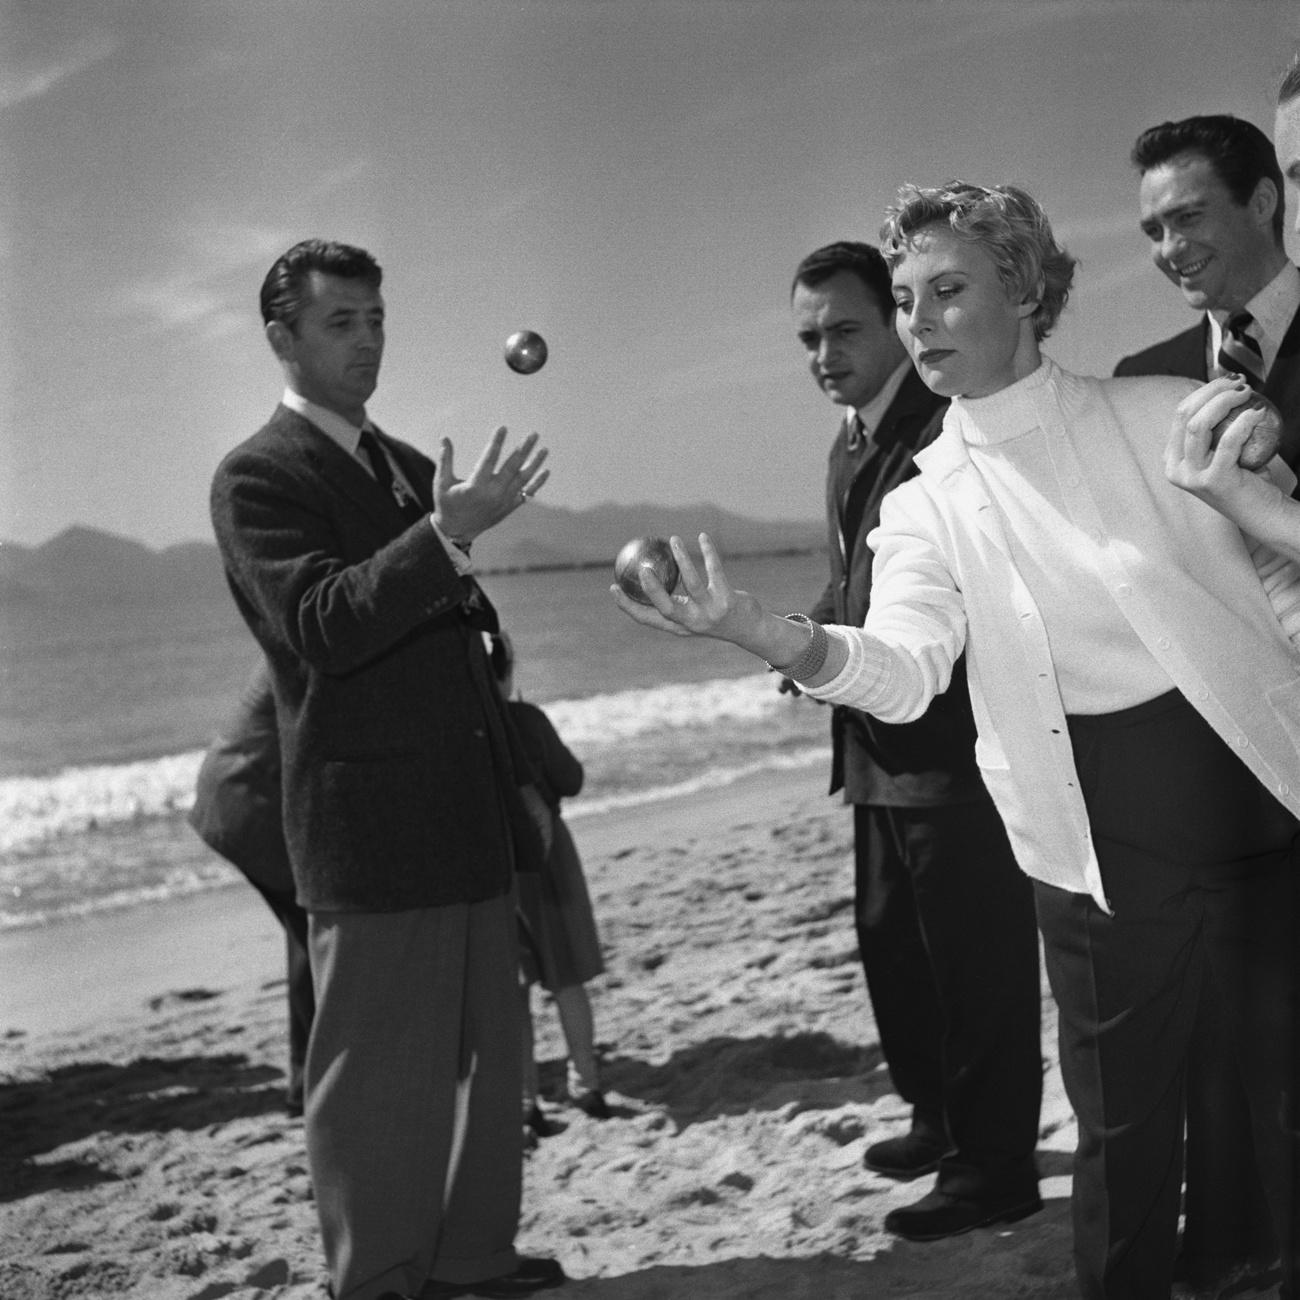 Festival de Cannes 1950 : Stars du moment, Robert Mitchum et Michèle Morgan dispute une partie de pétanque sur la plage, Getty Images